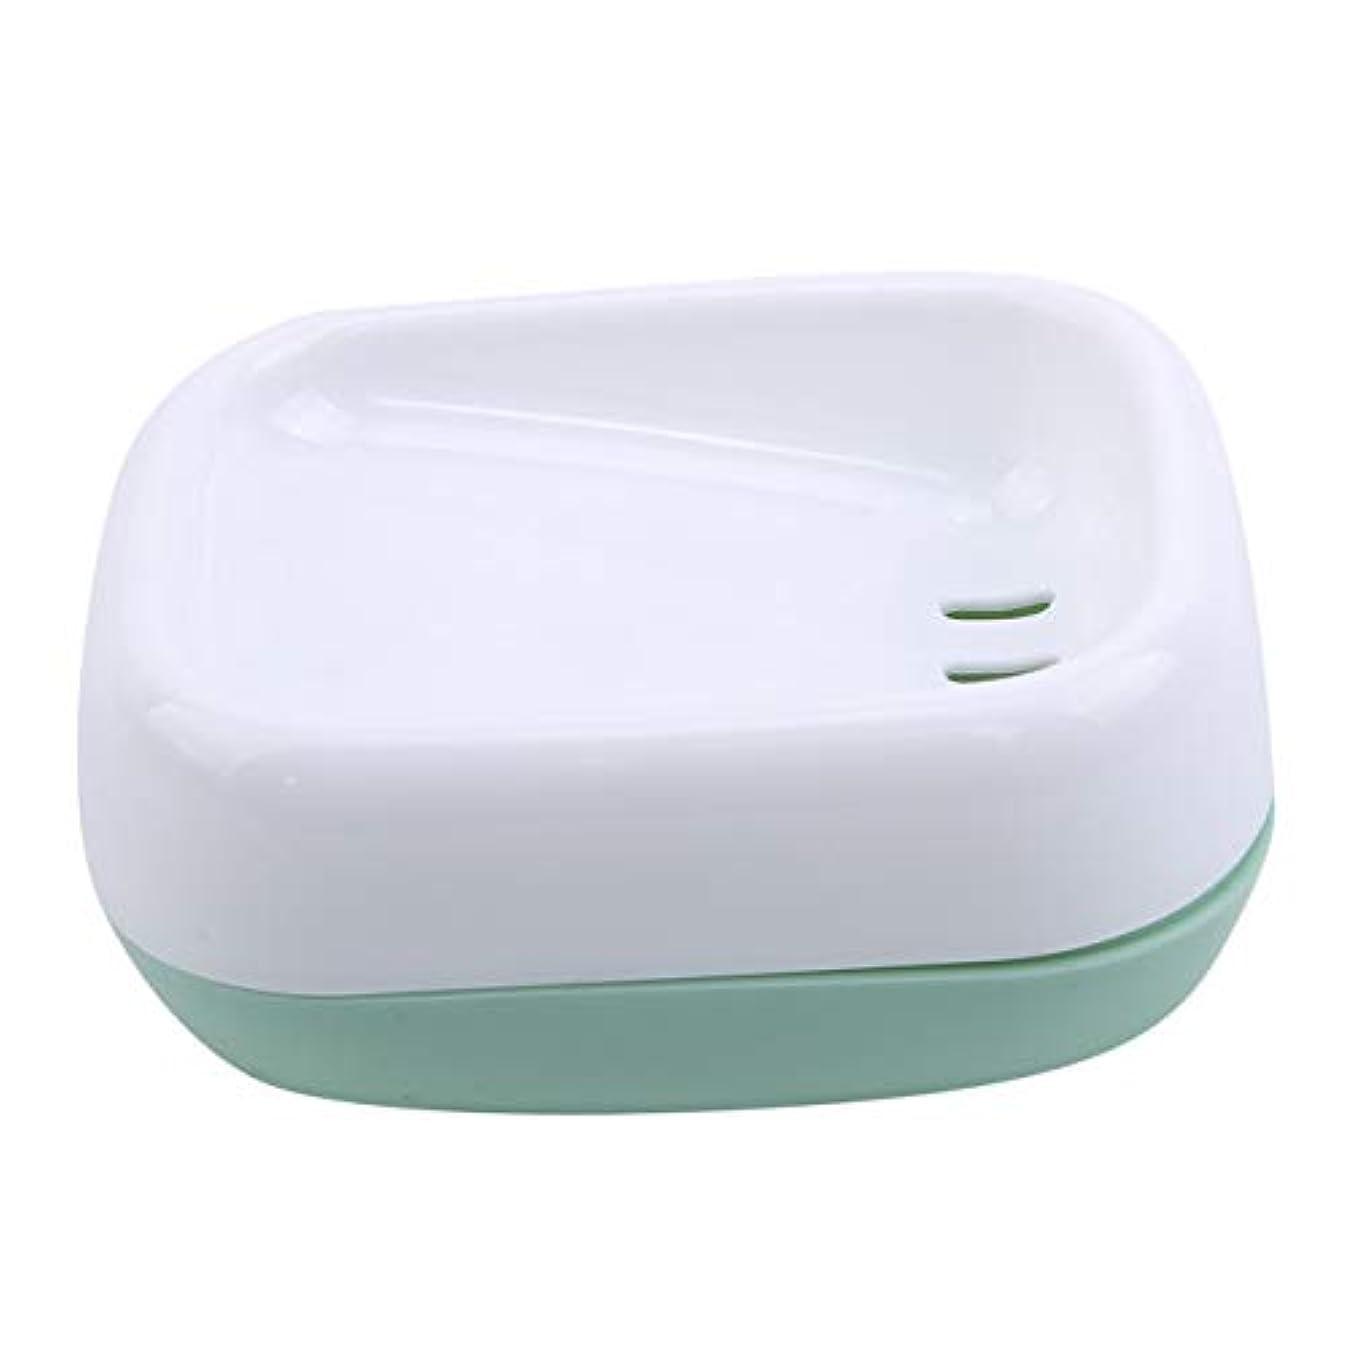 開発する運搬収益ZALINGソープディッシュボックス浴室プラスチック二重層衛生的なシンプル排水コンテナソープディッシュグリーン